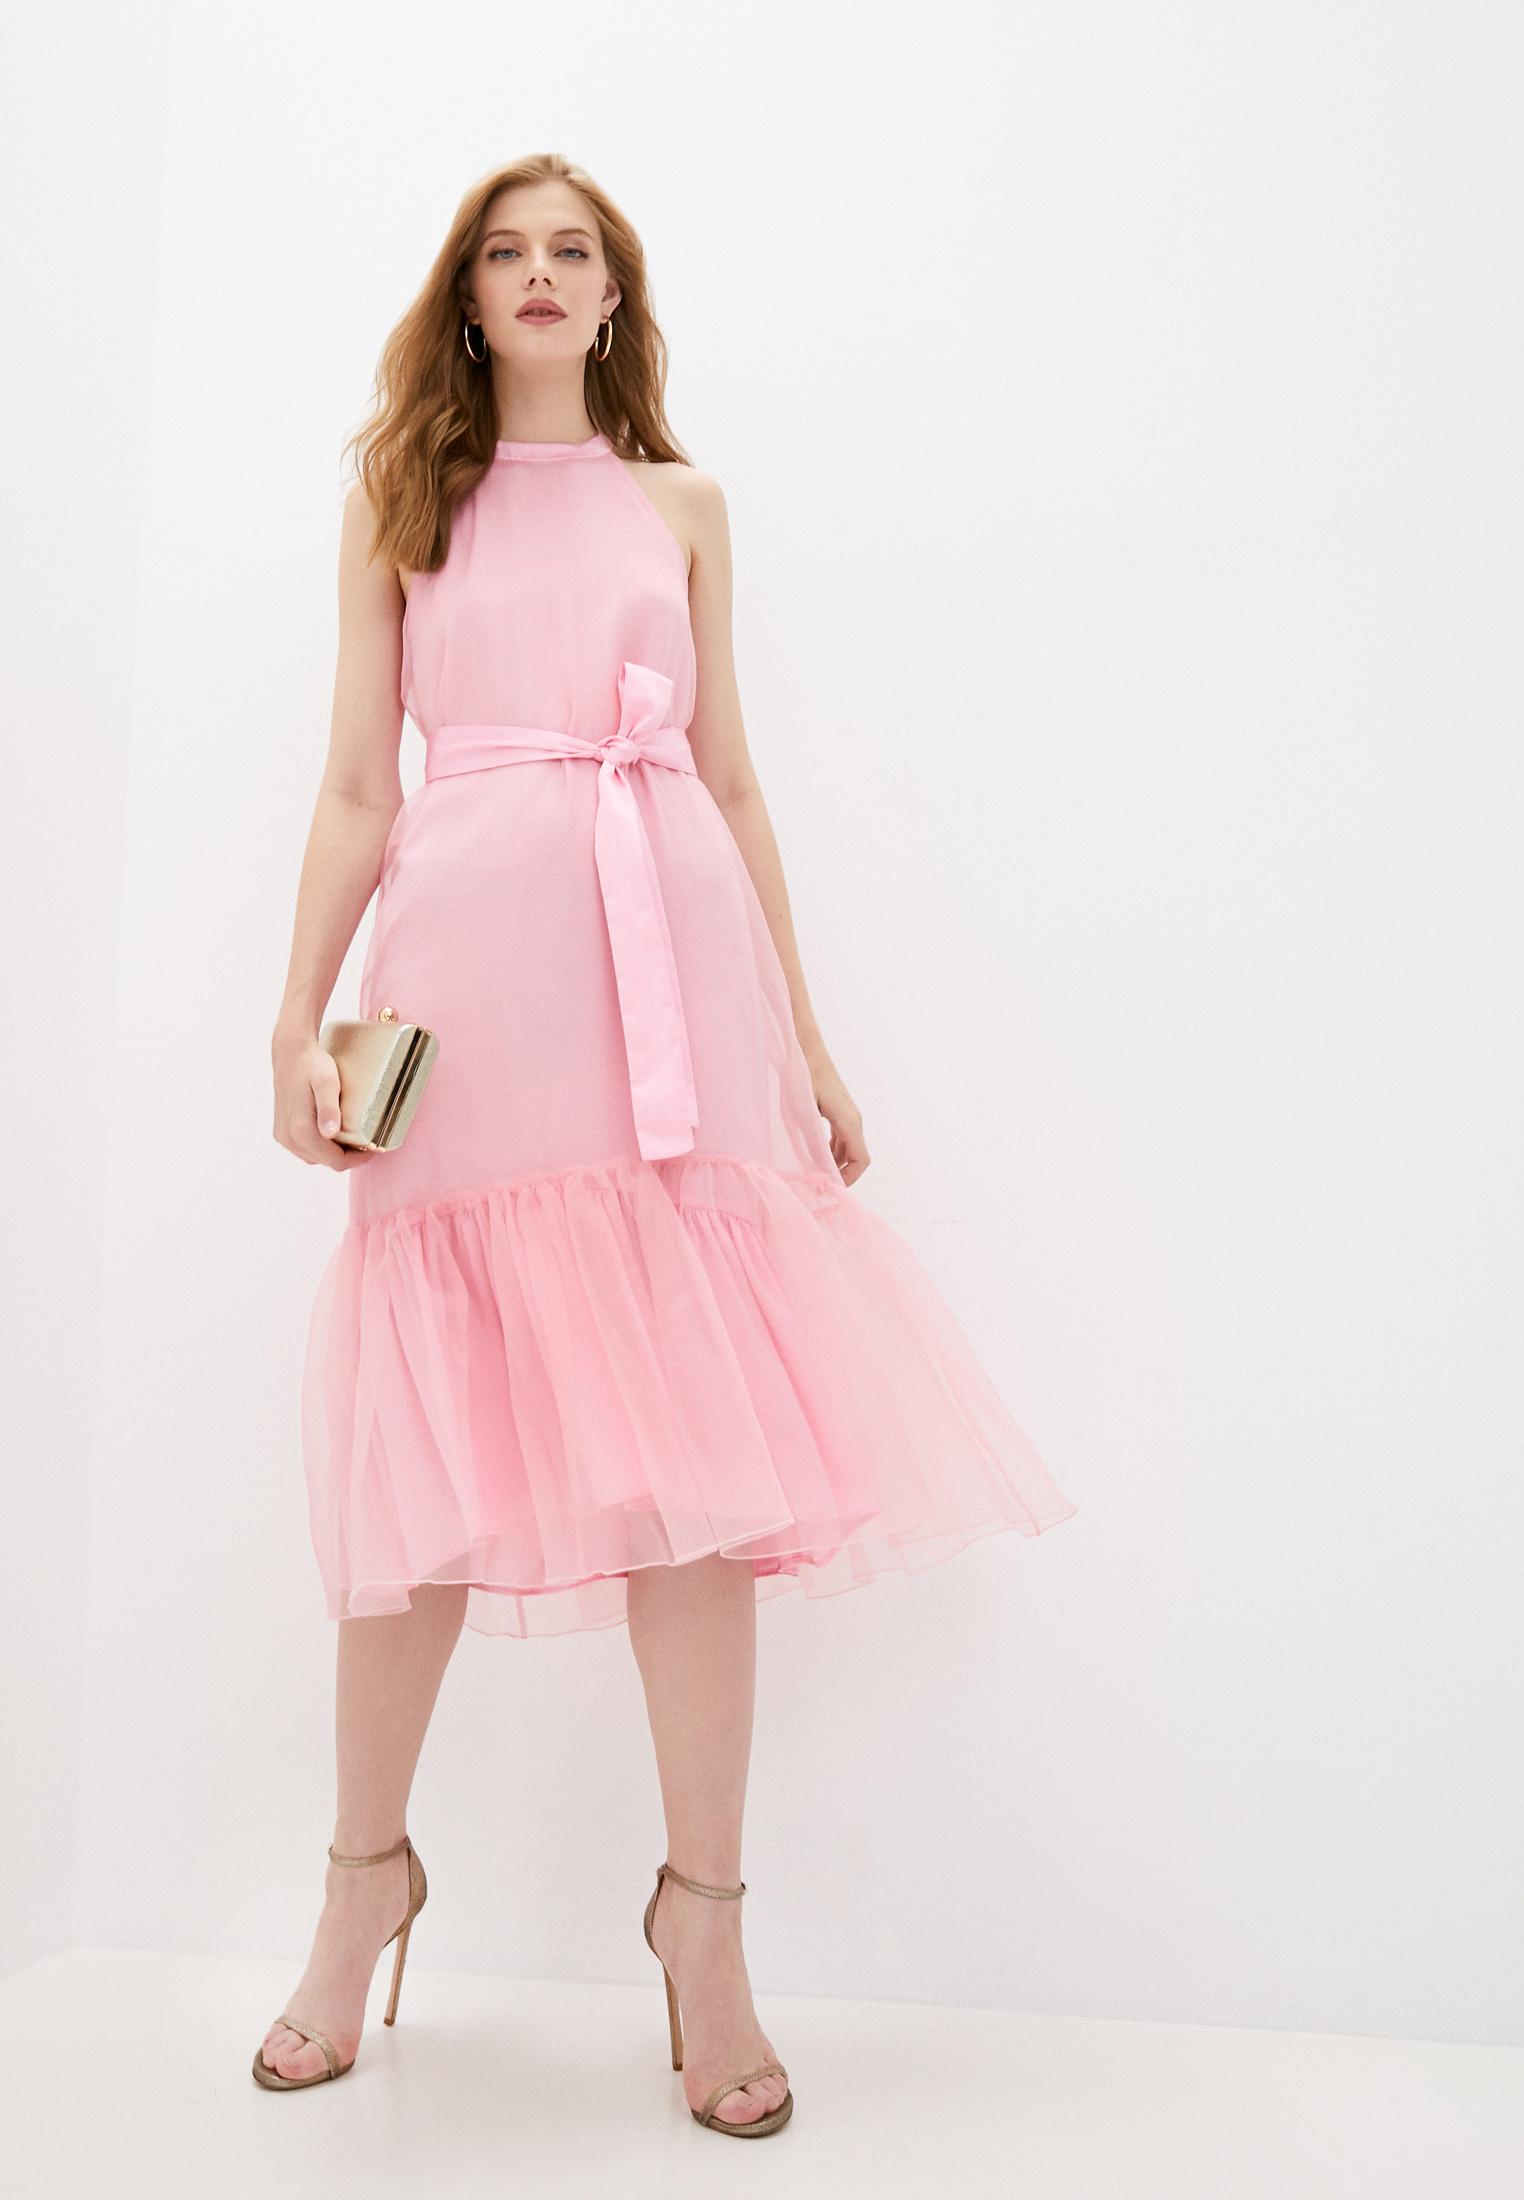 Вечернее / коктейльное платье Pinko (Пинко) Платье Pinko